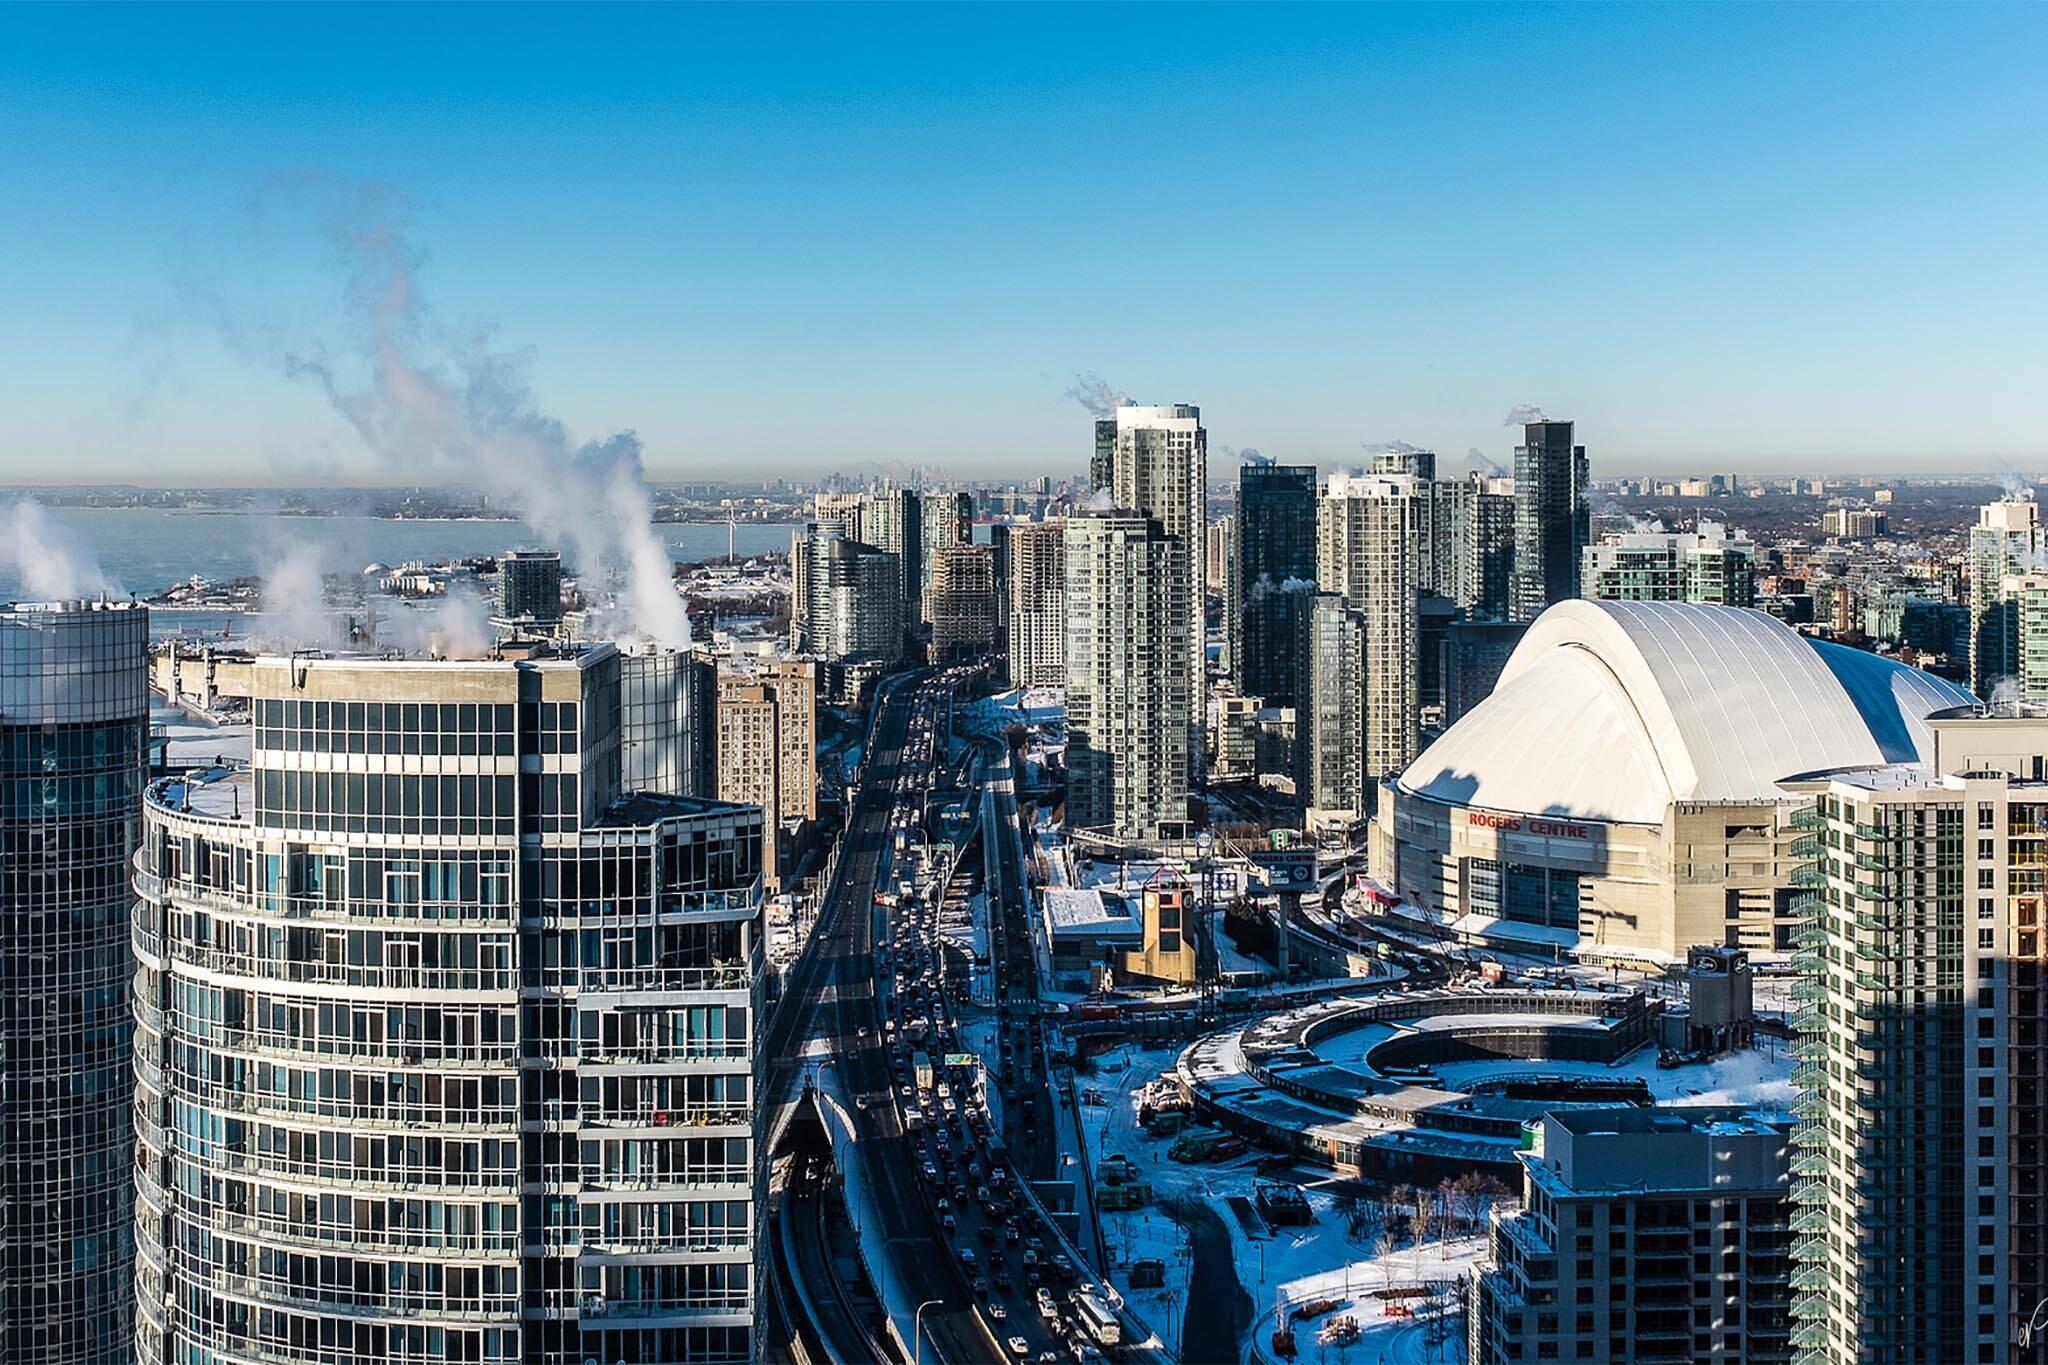 ice condos Toronto